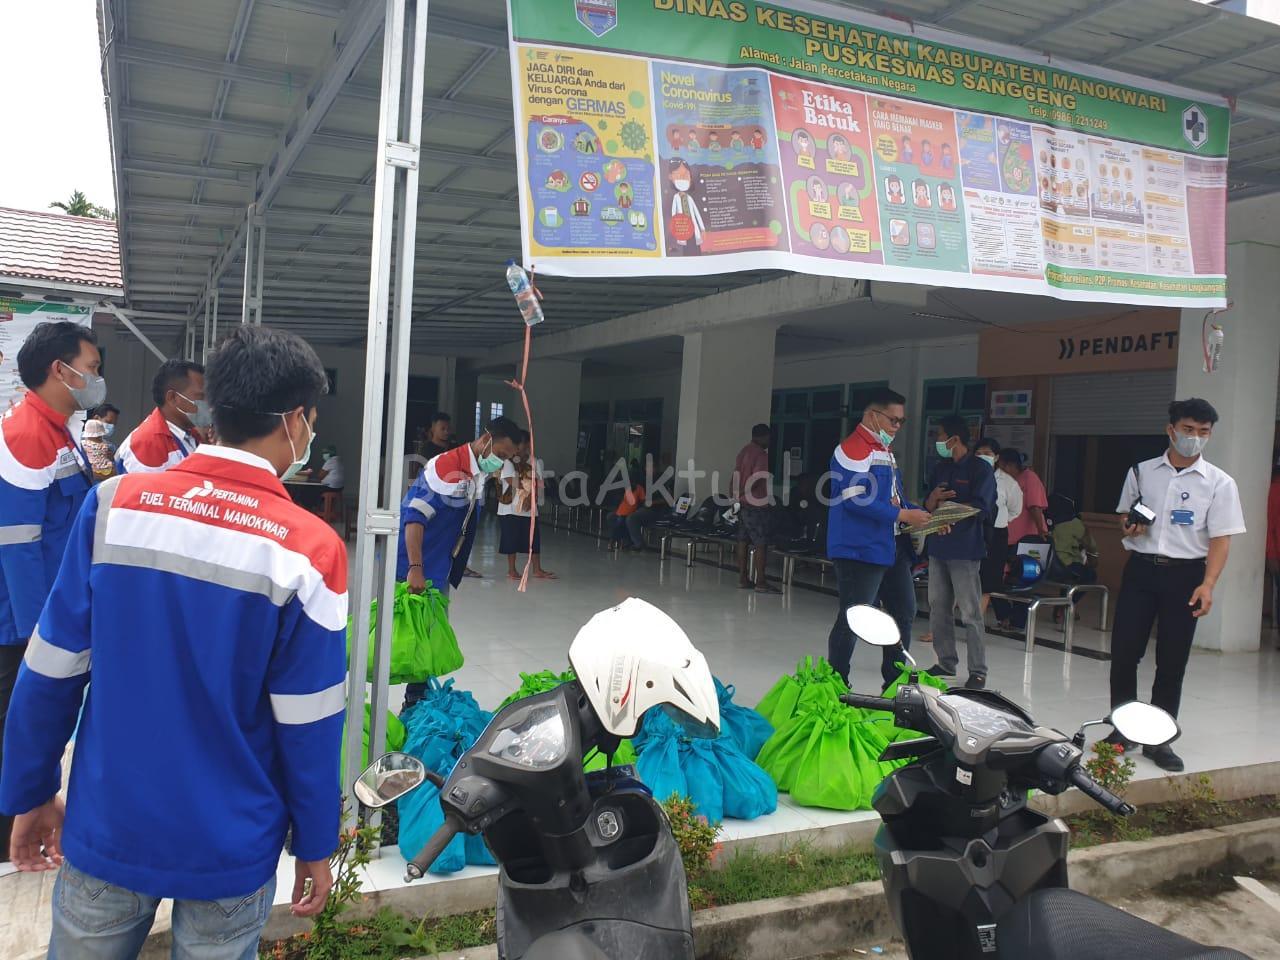 Bantu Pemerintah Cegah Corona, Pertamina Salurkan 300 Paket Bantuan di Manokwari 16 IMG 20200331 WA0062